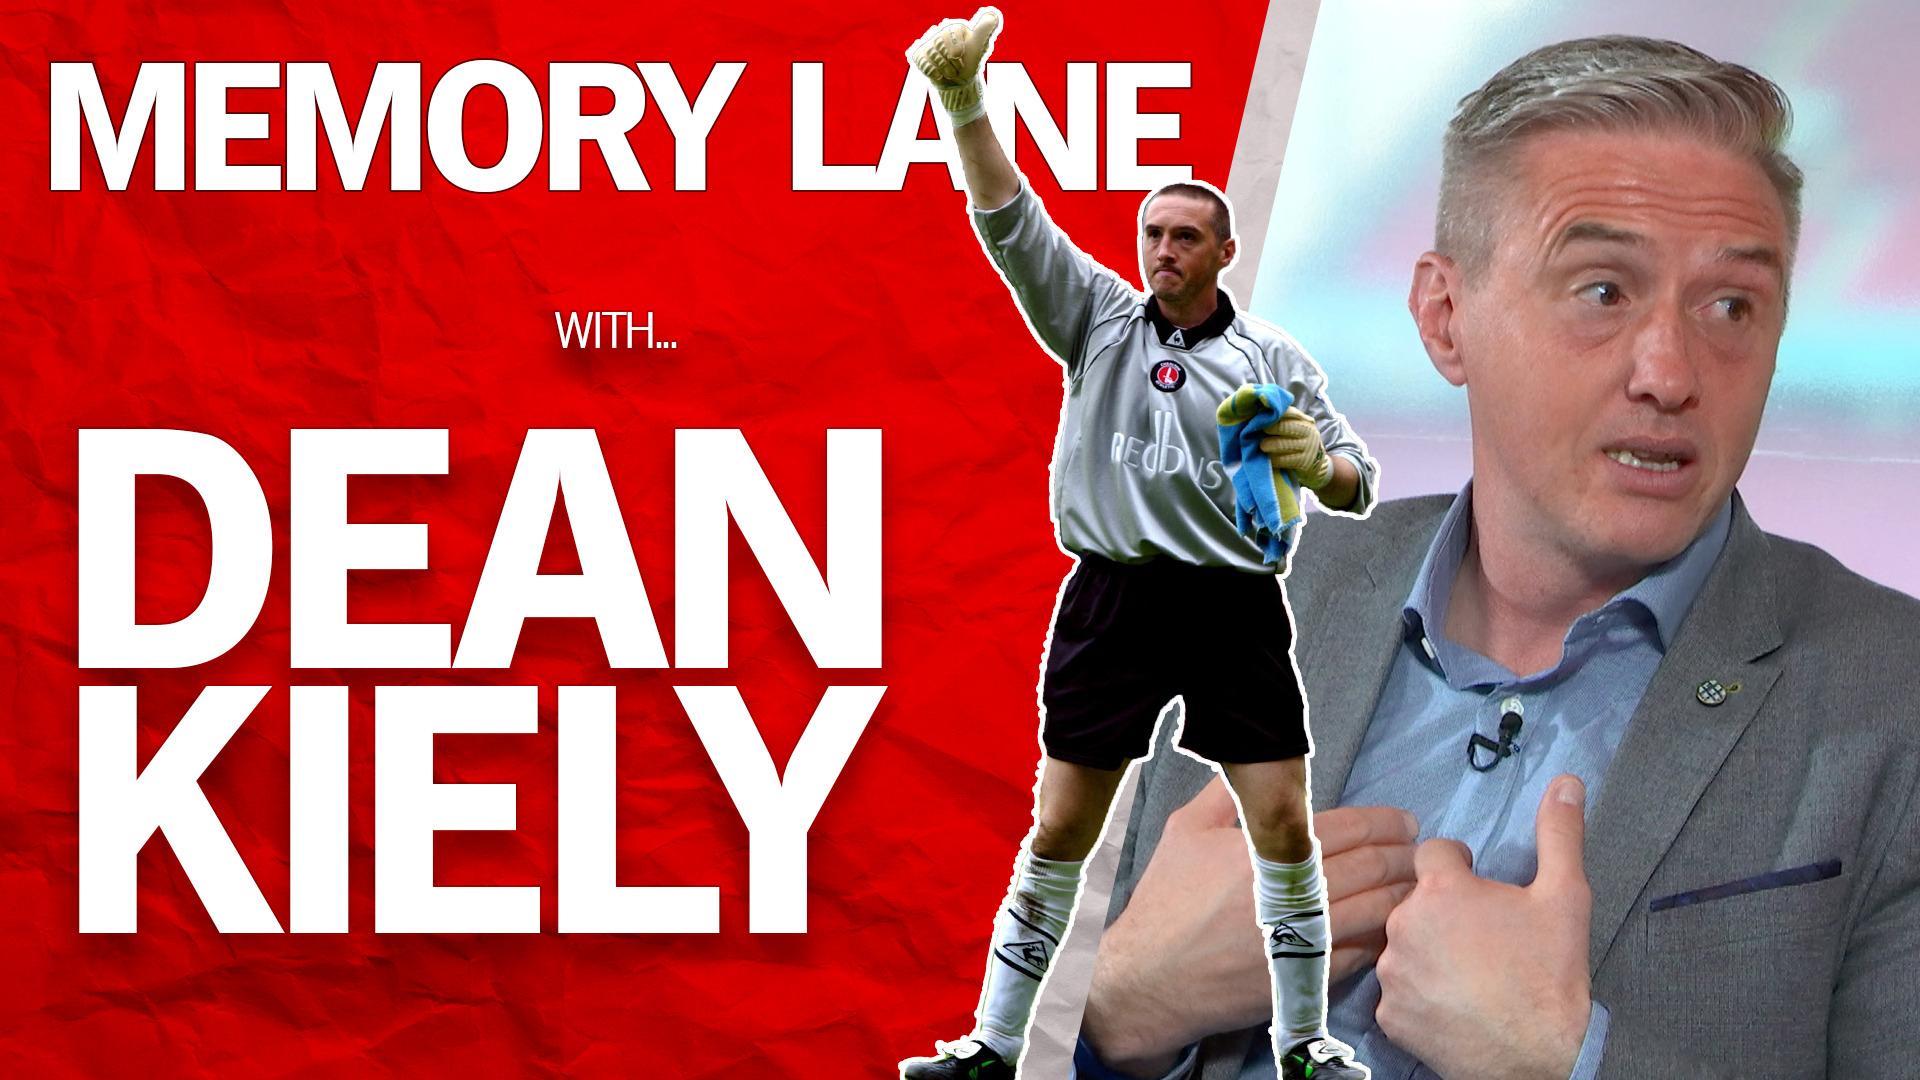 MEMORY LANE | Dean Kiely (April 2021)